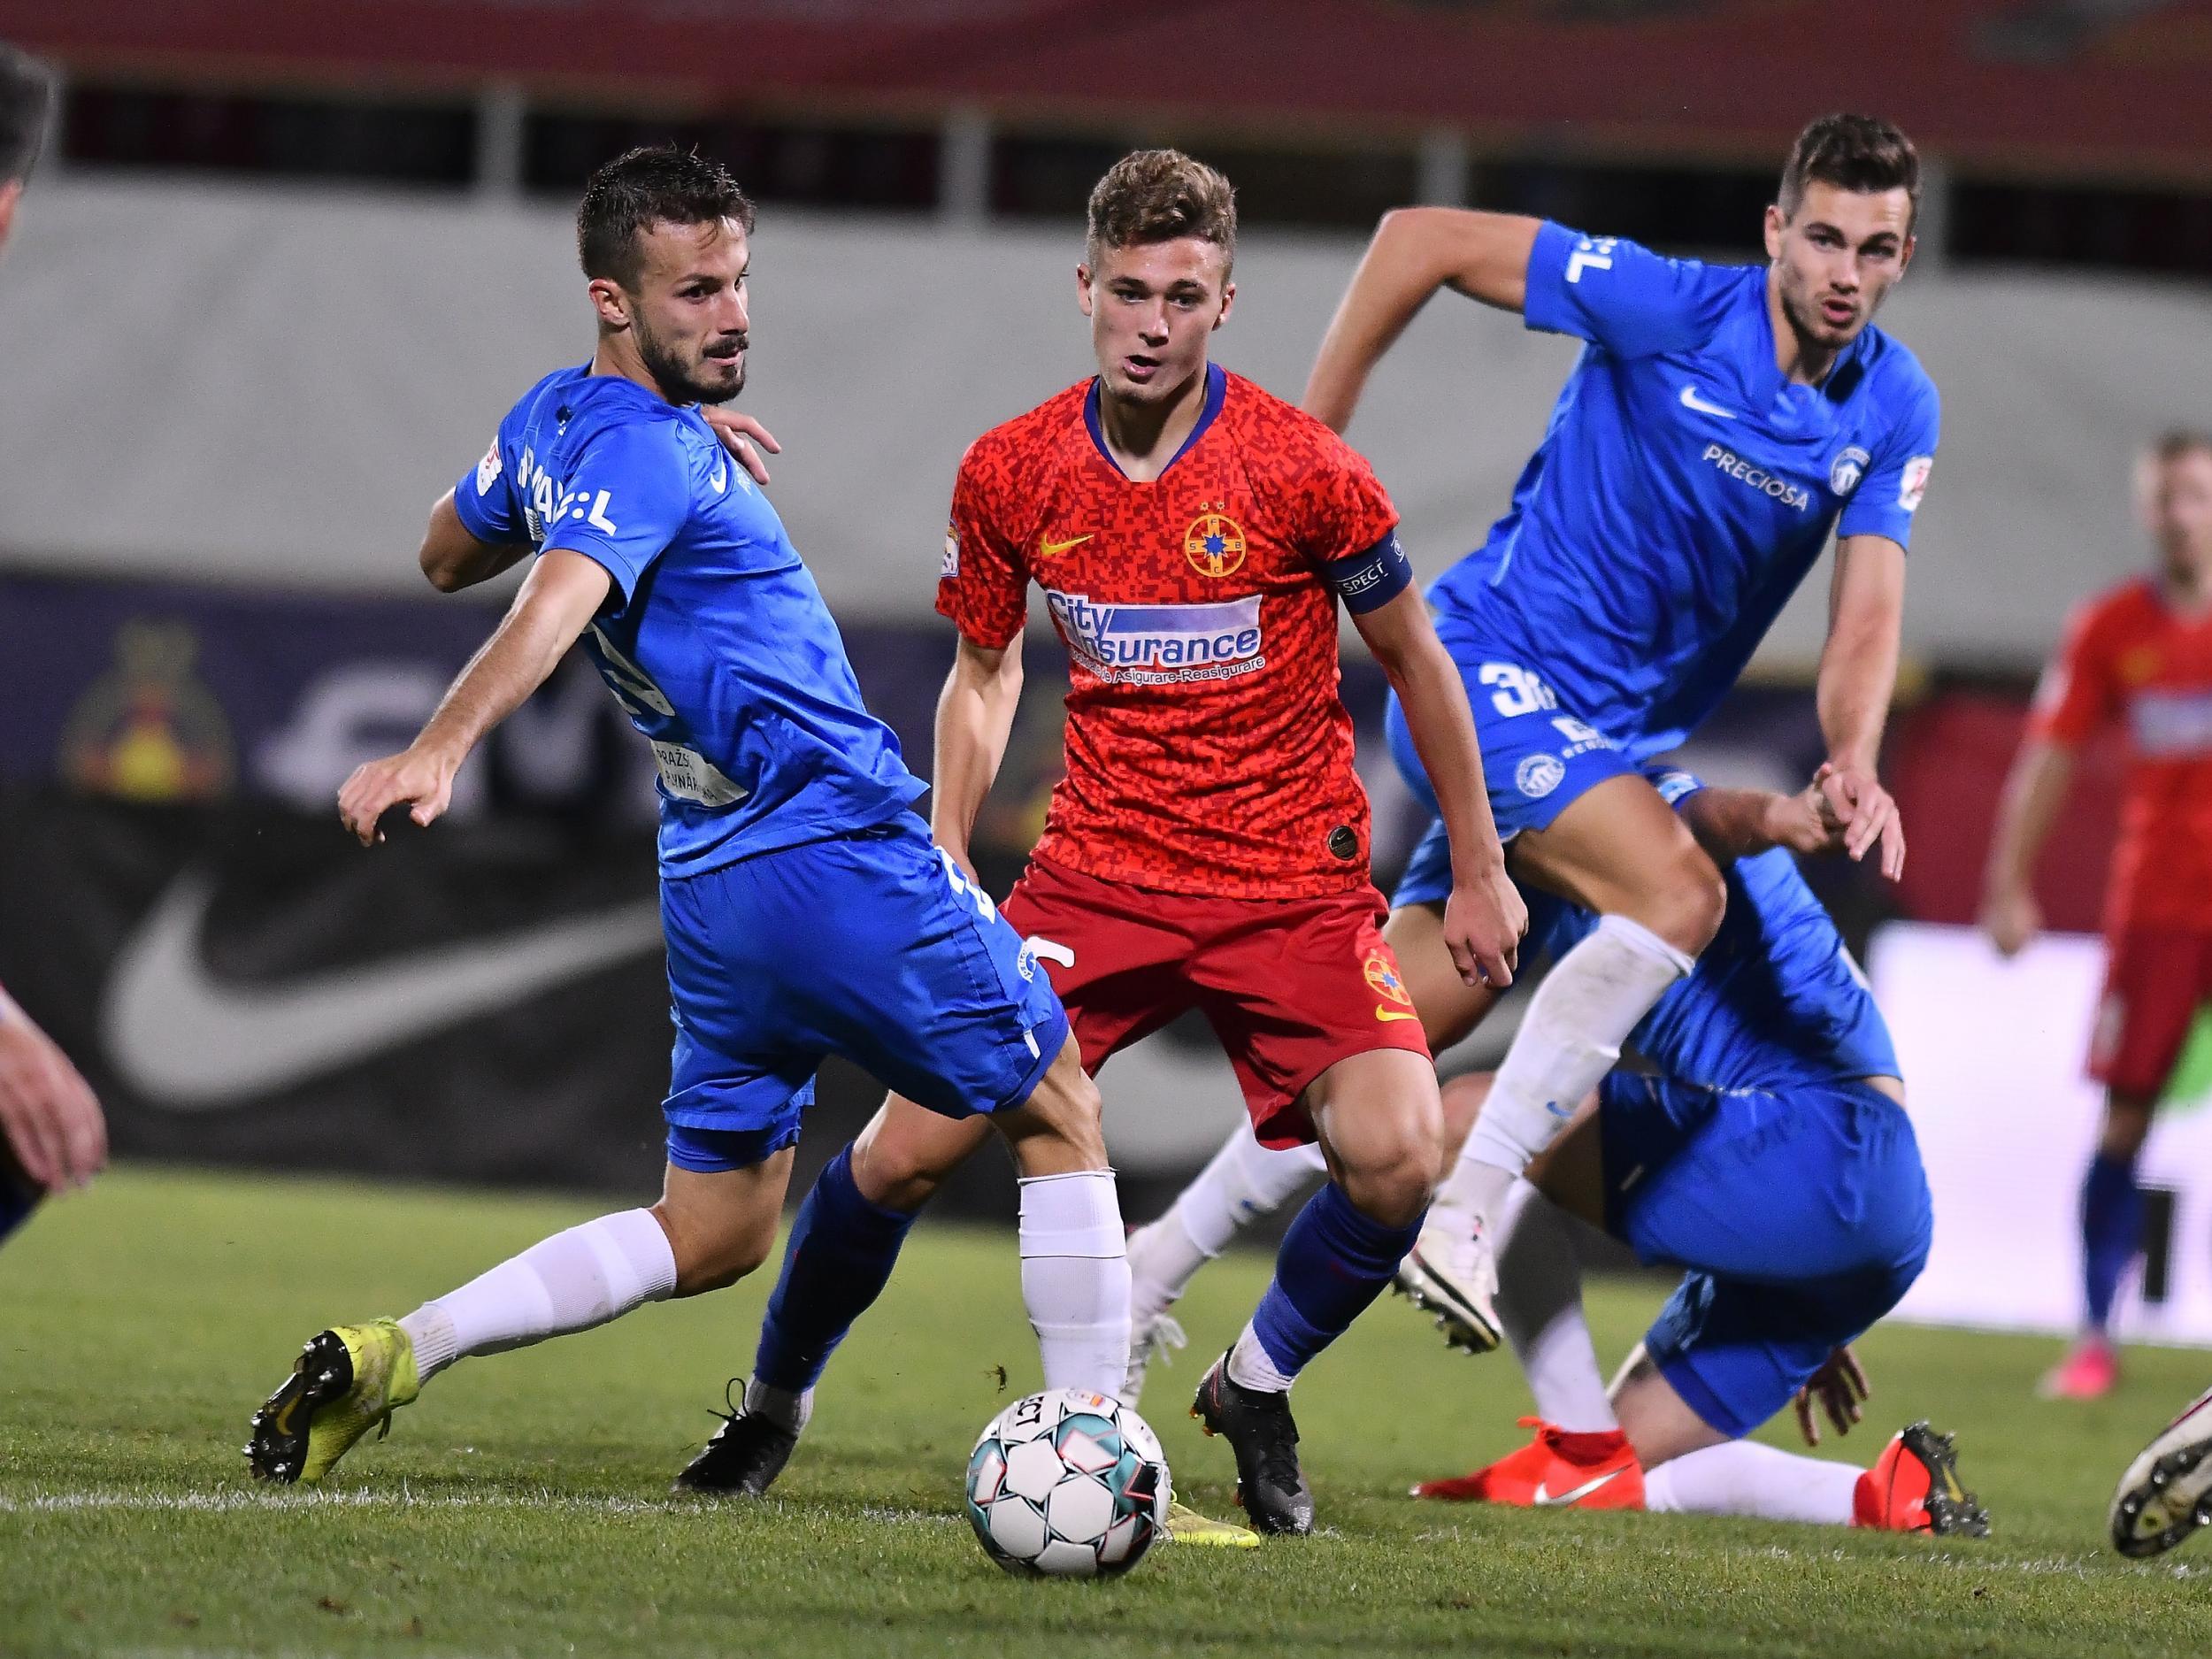 FCSB - SLOVAN LIBEREC 0-2